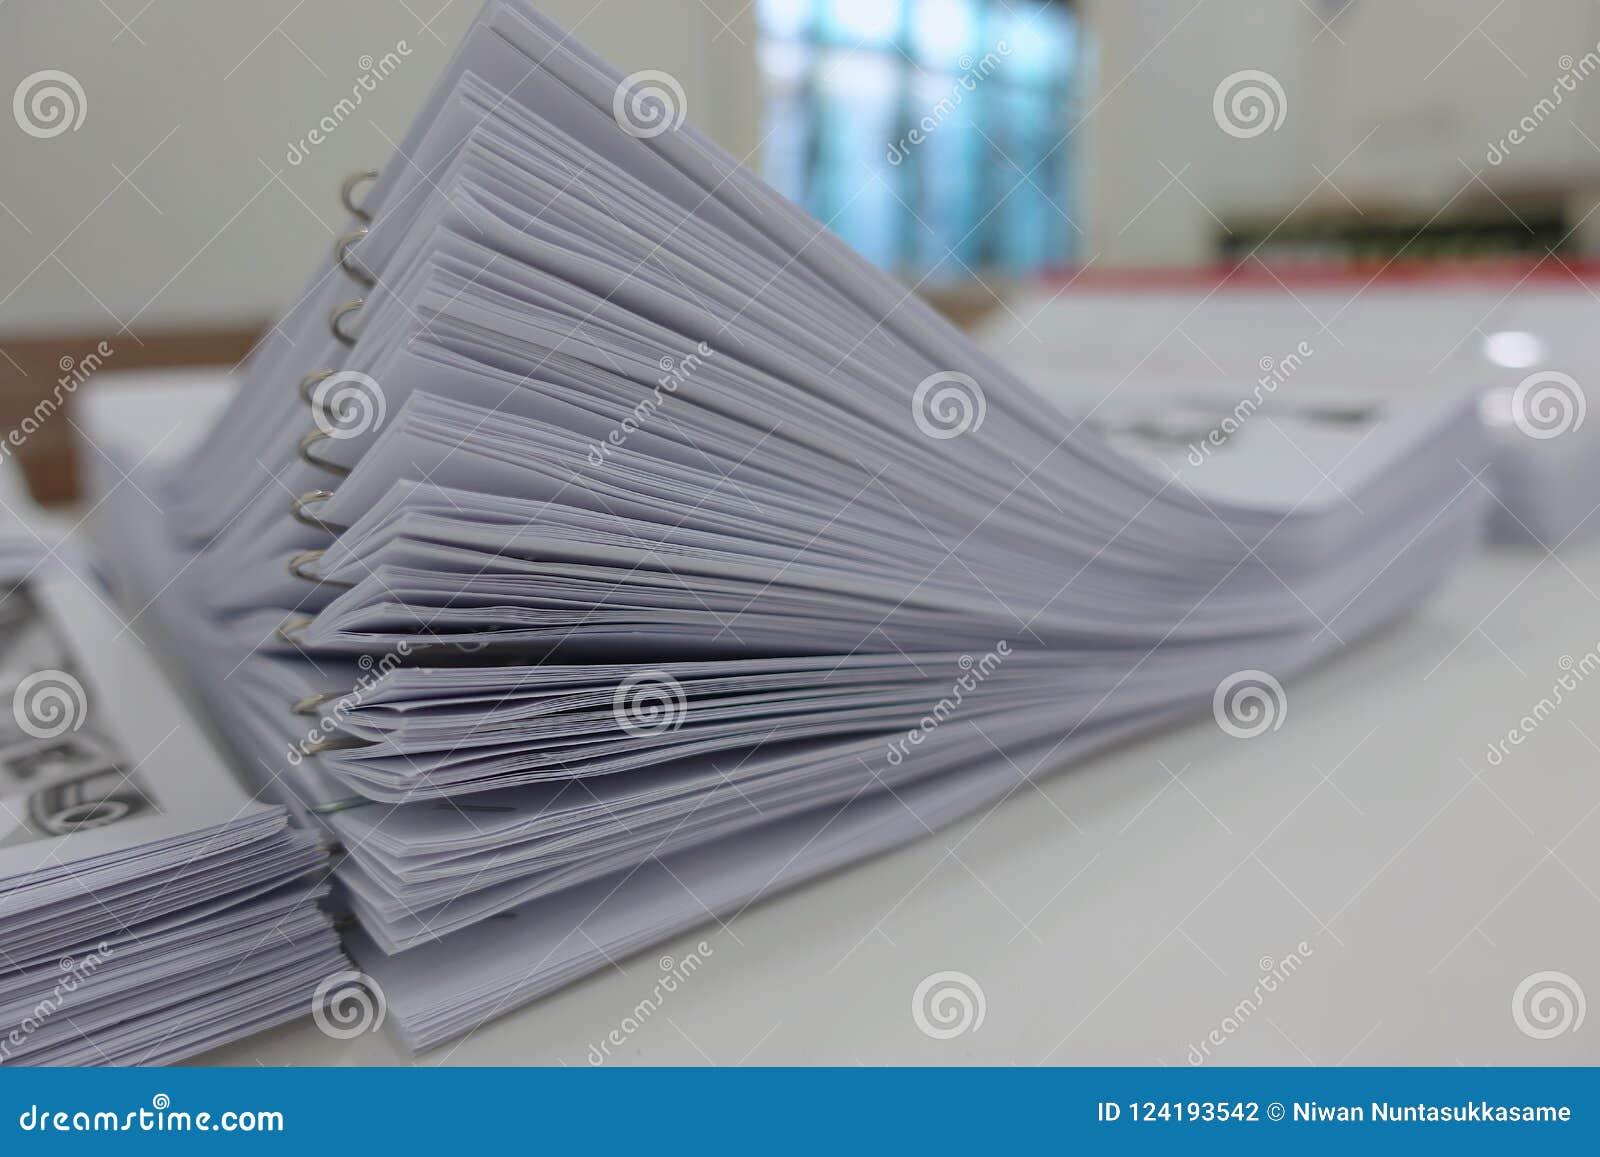 Papiergeschäftsunterlagen von fertigem gestapelt